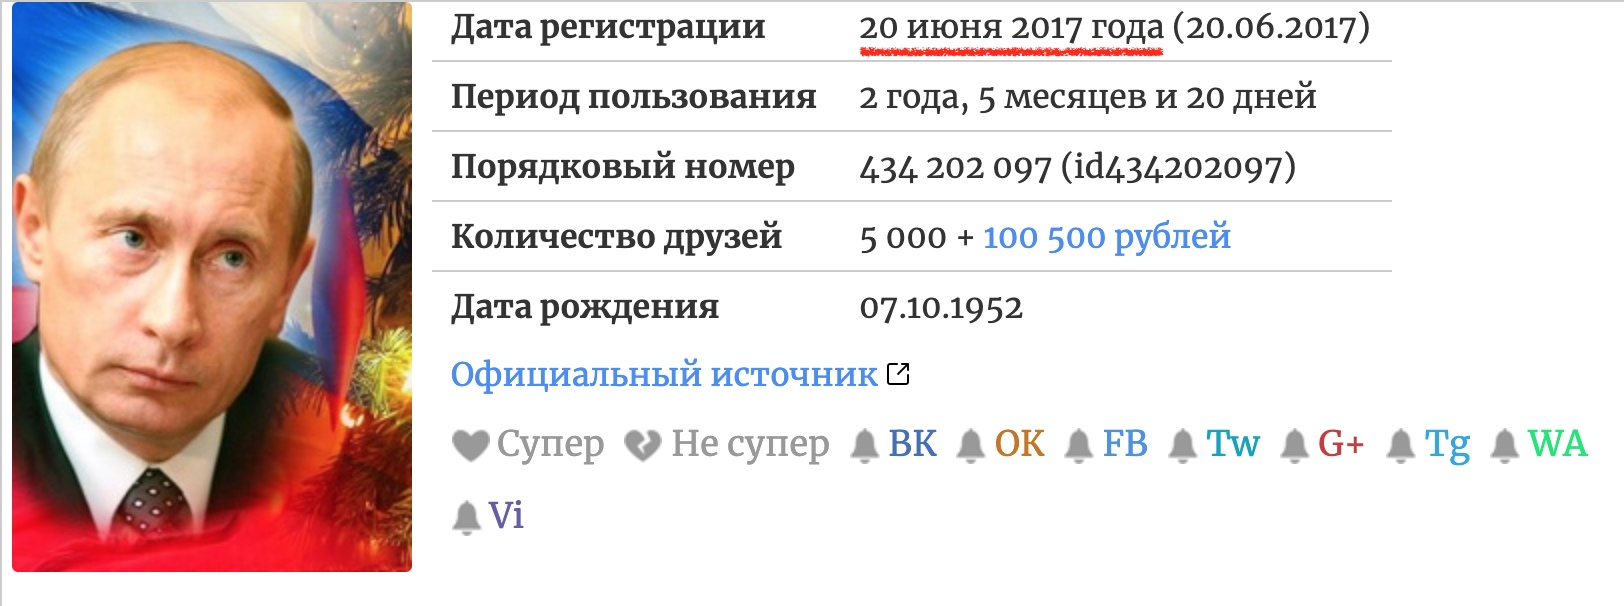 МОД «АллатРа». Часть 3. Миссия «Президент РФ» или инструмент манипуляции доверием, изображение №5